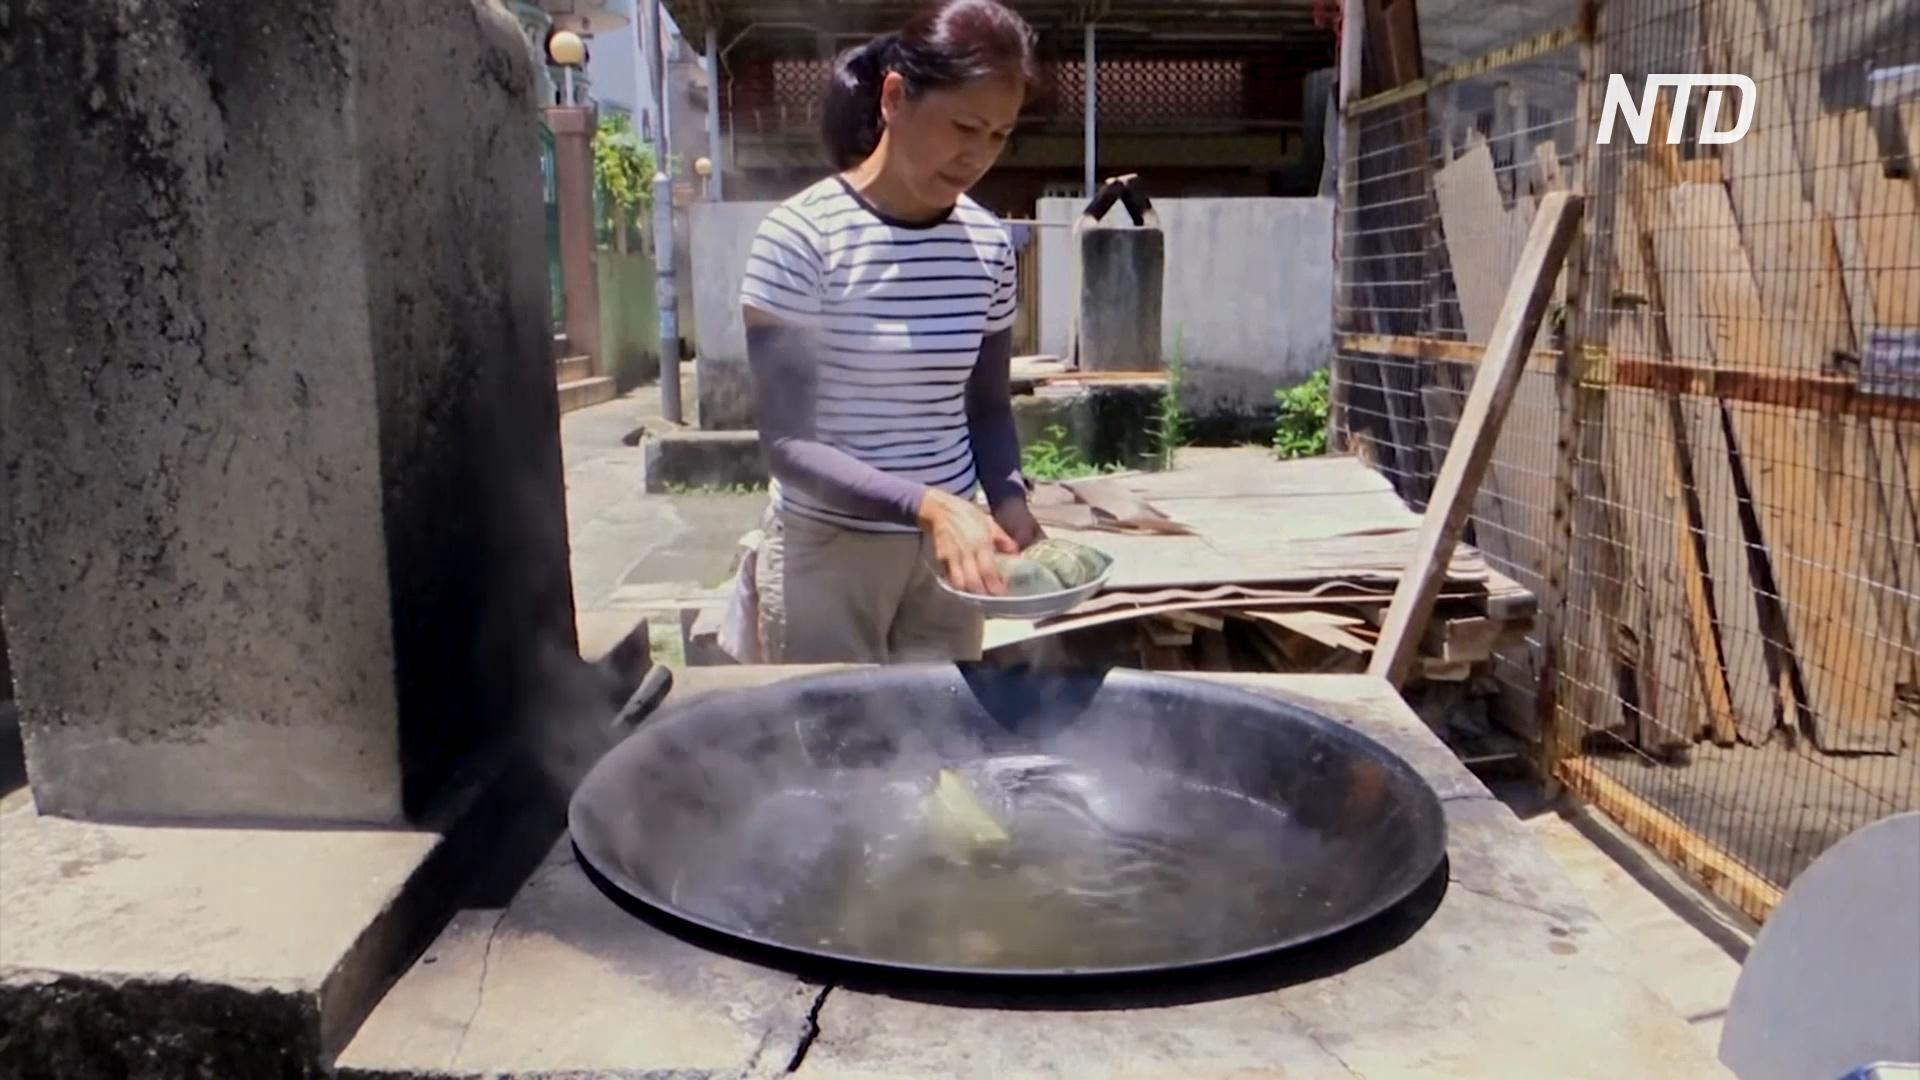 Цзунцзы на дровяной печи: жительница Гонконга готовит, не боясь жары